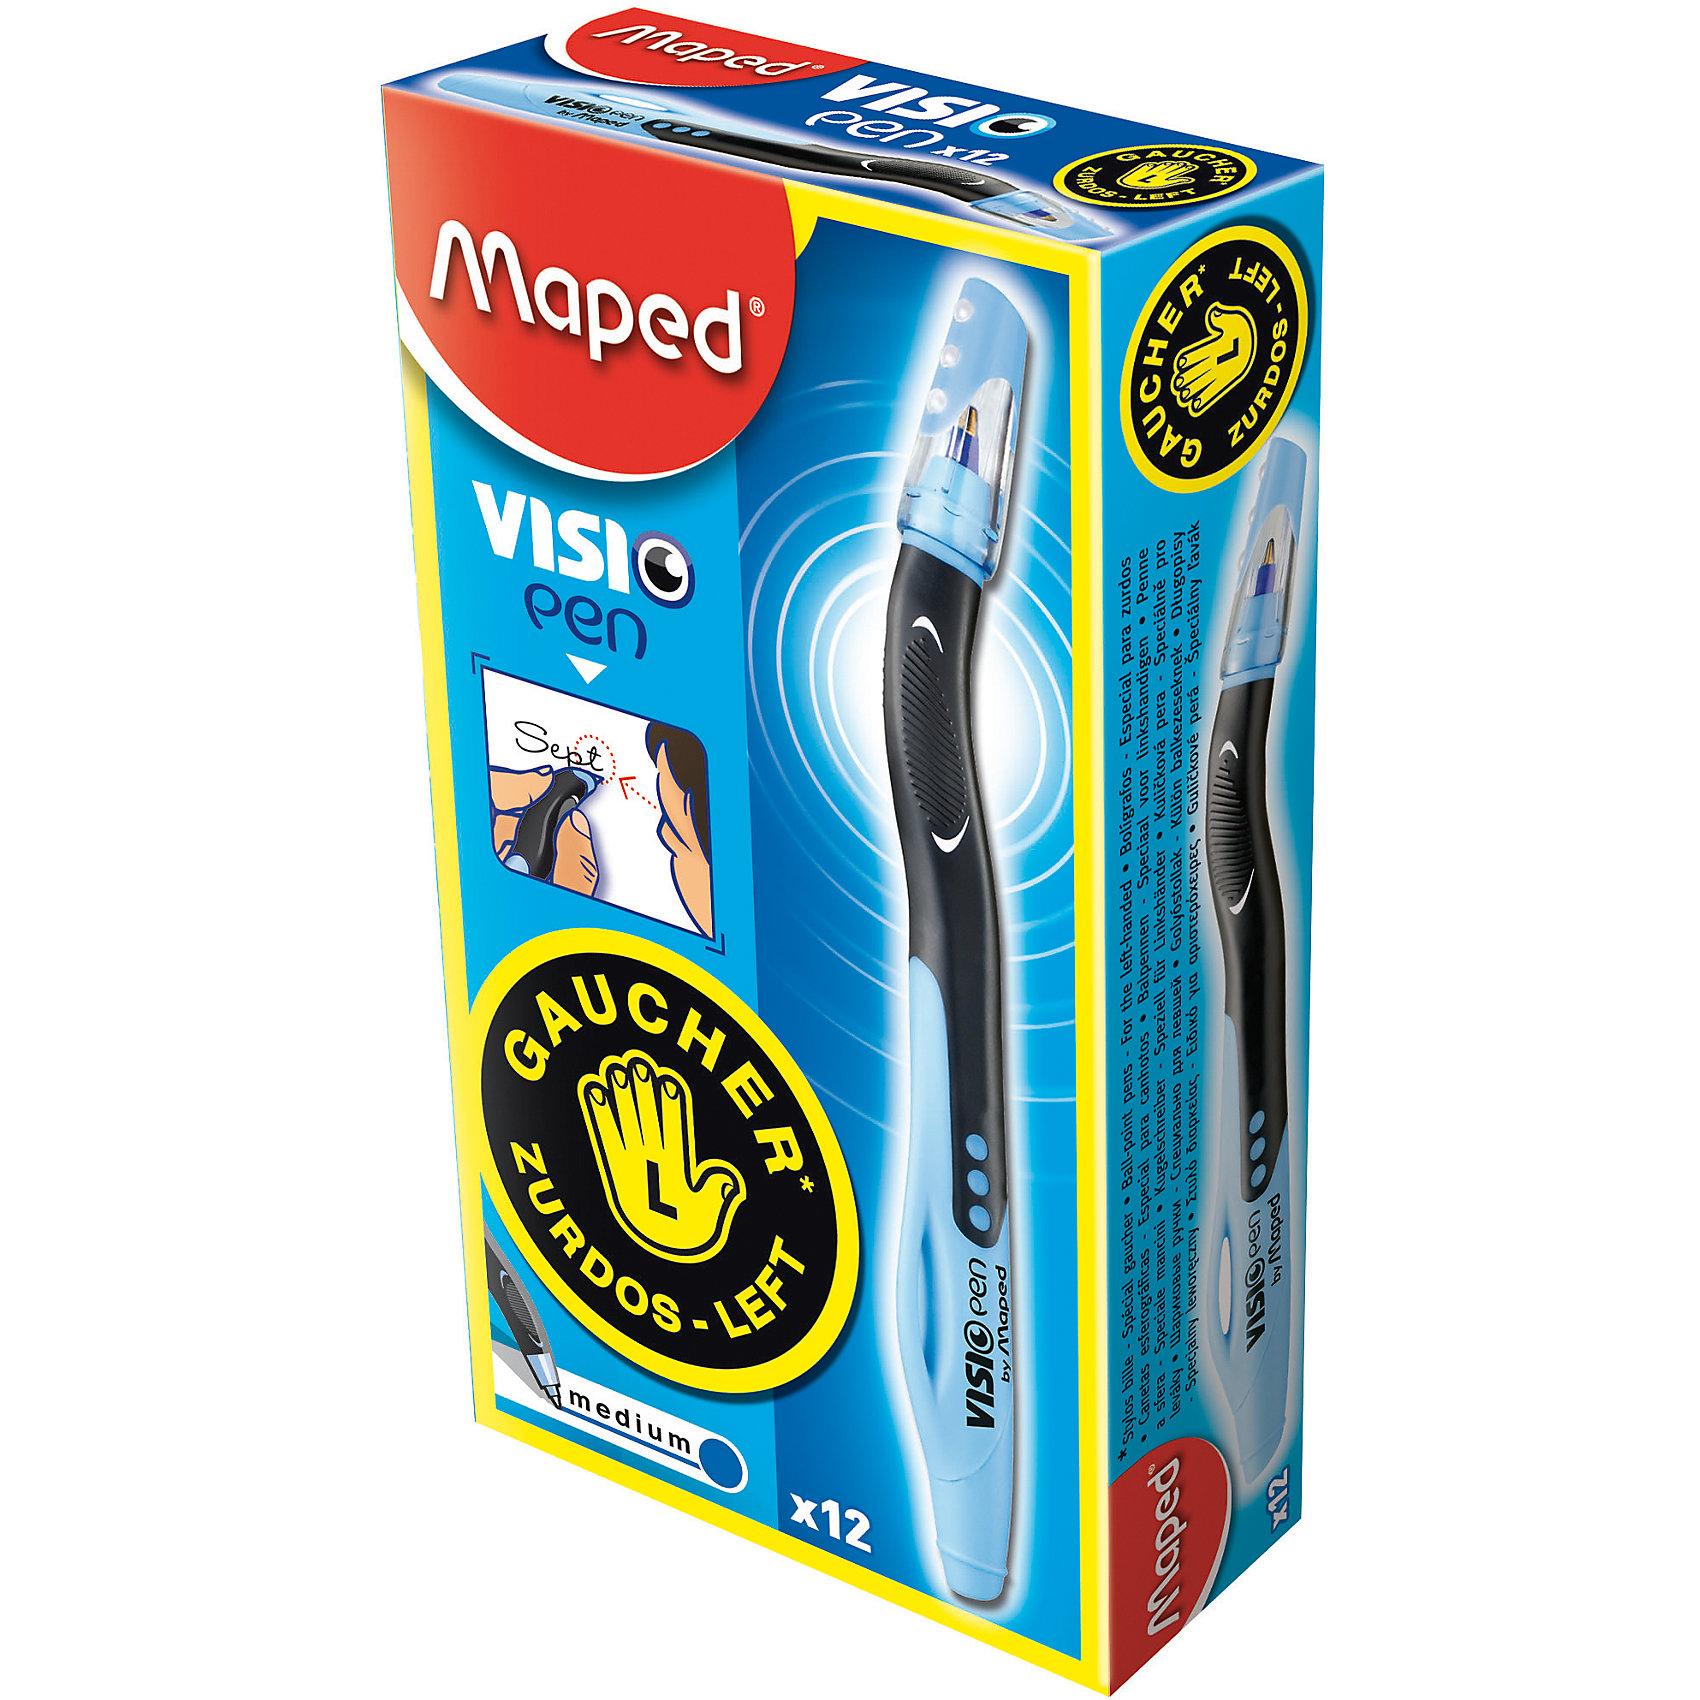 Шариковая ручка для левшей VISIO, синяяПисьменные принадлежности<br>Шариковая ручка для левшей VISIO, синяя от марки Maped<br><br>Удобная ручка от компании Maped разработана специально для тех, кому удобнее писать левой рукой. Пишущий инструмент отличного качества! Шариковая ручка имеет защиту от протекания чернил.<br>Отлично ложится в руке, пишет мягко. Дает аккуратную линию. Чернил хватает на долгое время, они быстро сохнут. Ручка одноразовая.<br><br>Особенности данной модели:<br><br>диаметр шарика: 1 мм;<br>цвета чернил: синий;<br>цвета корпуса: голубой, черный.<br><br>Шариковую ручку для левшей VISIO, синяя от марки Maped можно купить в нашем магазине.<br><br>Ширина мм: 17<br>Глубина мм: 147<br>Высота мм: 12<br>Вес г: 9<br>Возраст от месяцев: 36<br>Возраст до месяцев: 2147483647<br>Пол: Унисекс<br>Возраст: Детский<br>SKU: 4684753